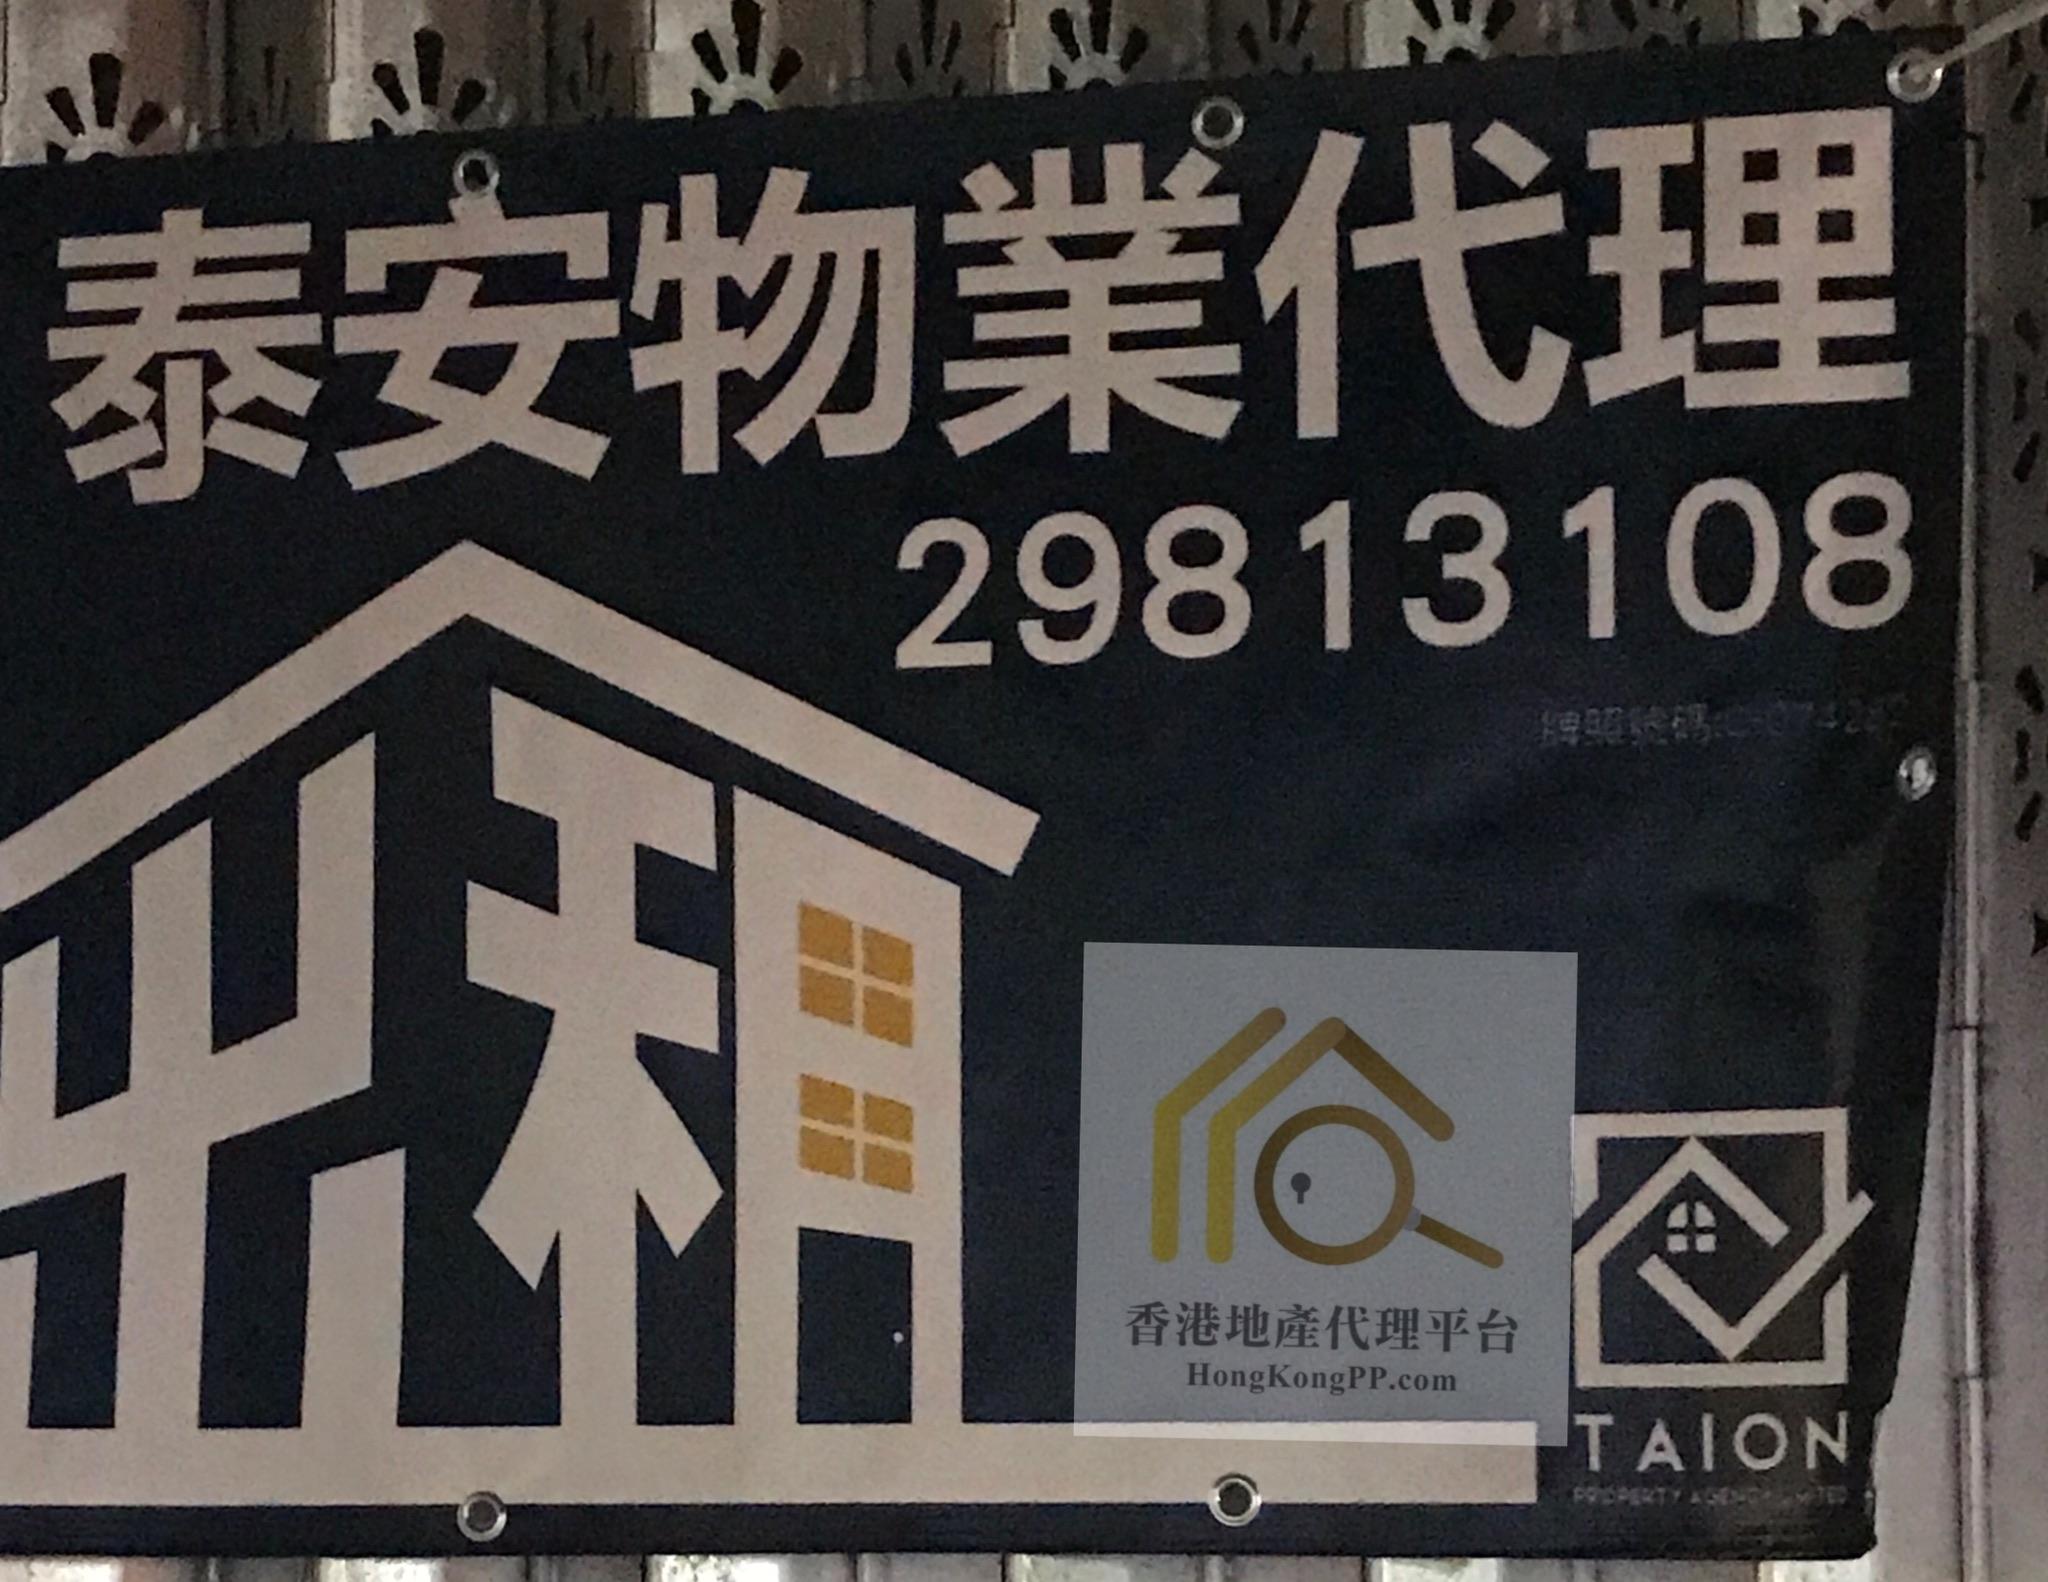 香港地產代理 Estate Agent : 泰安物業代理 @青年創業軍